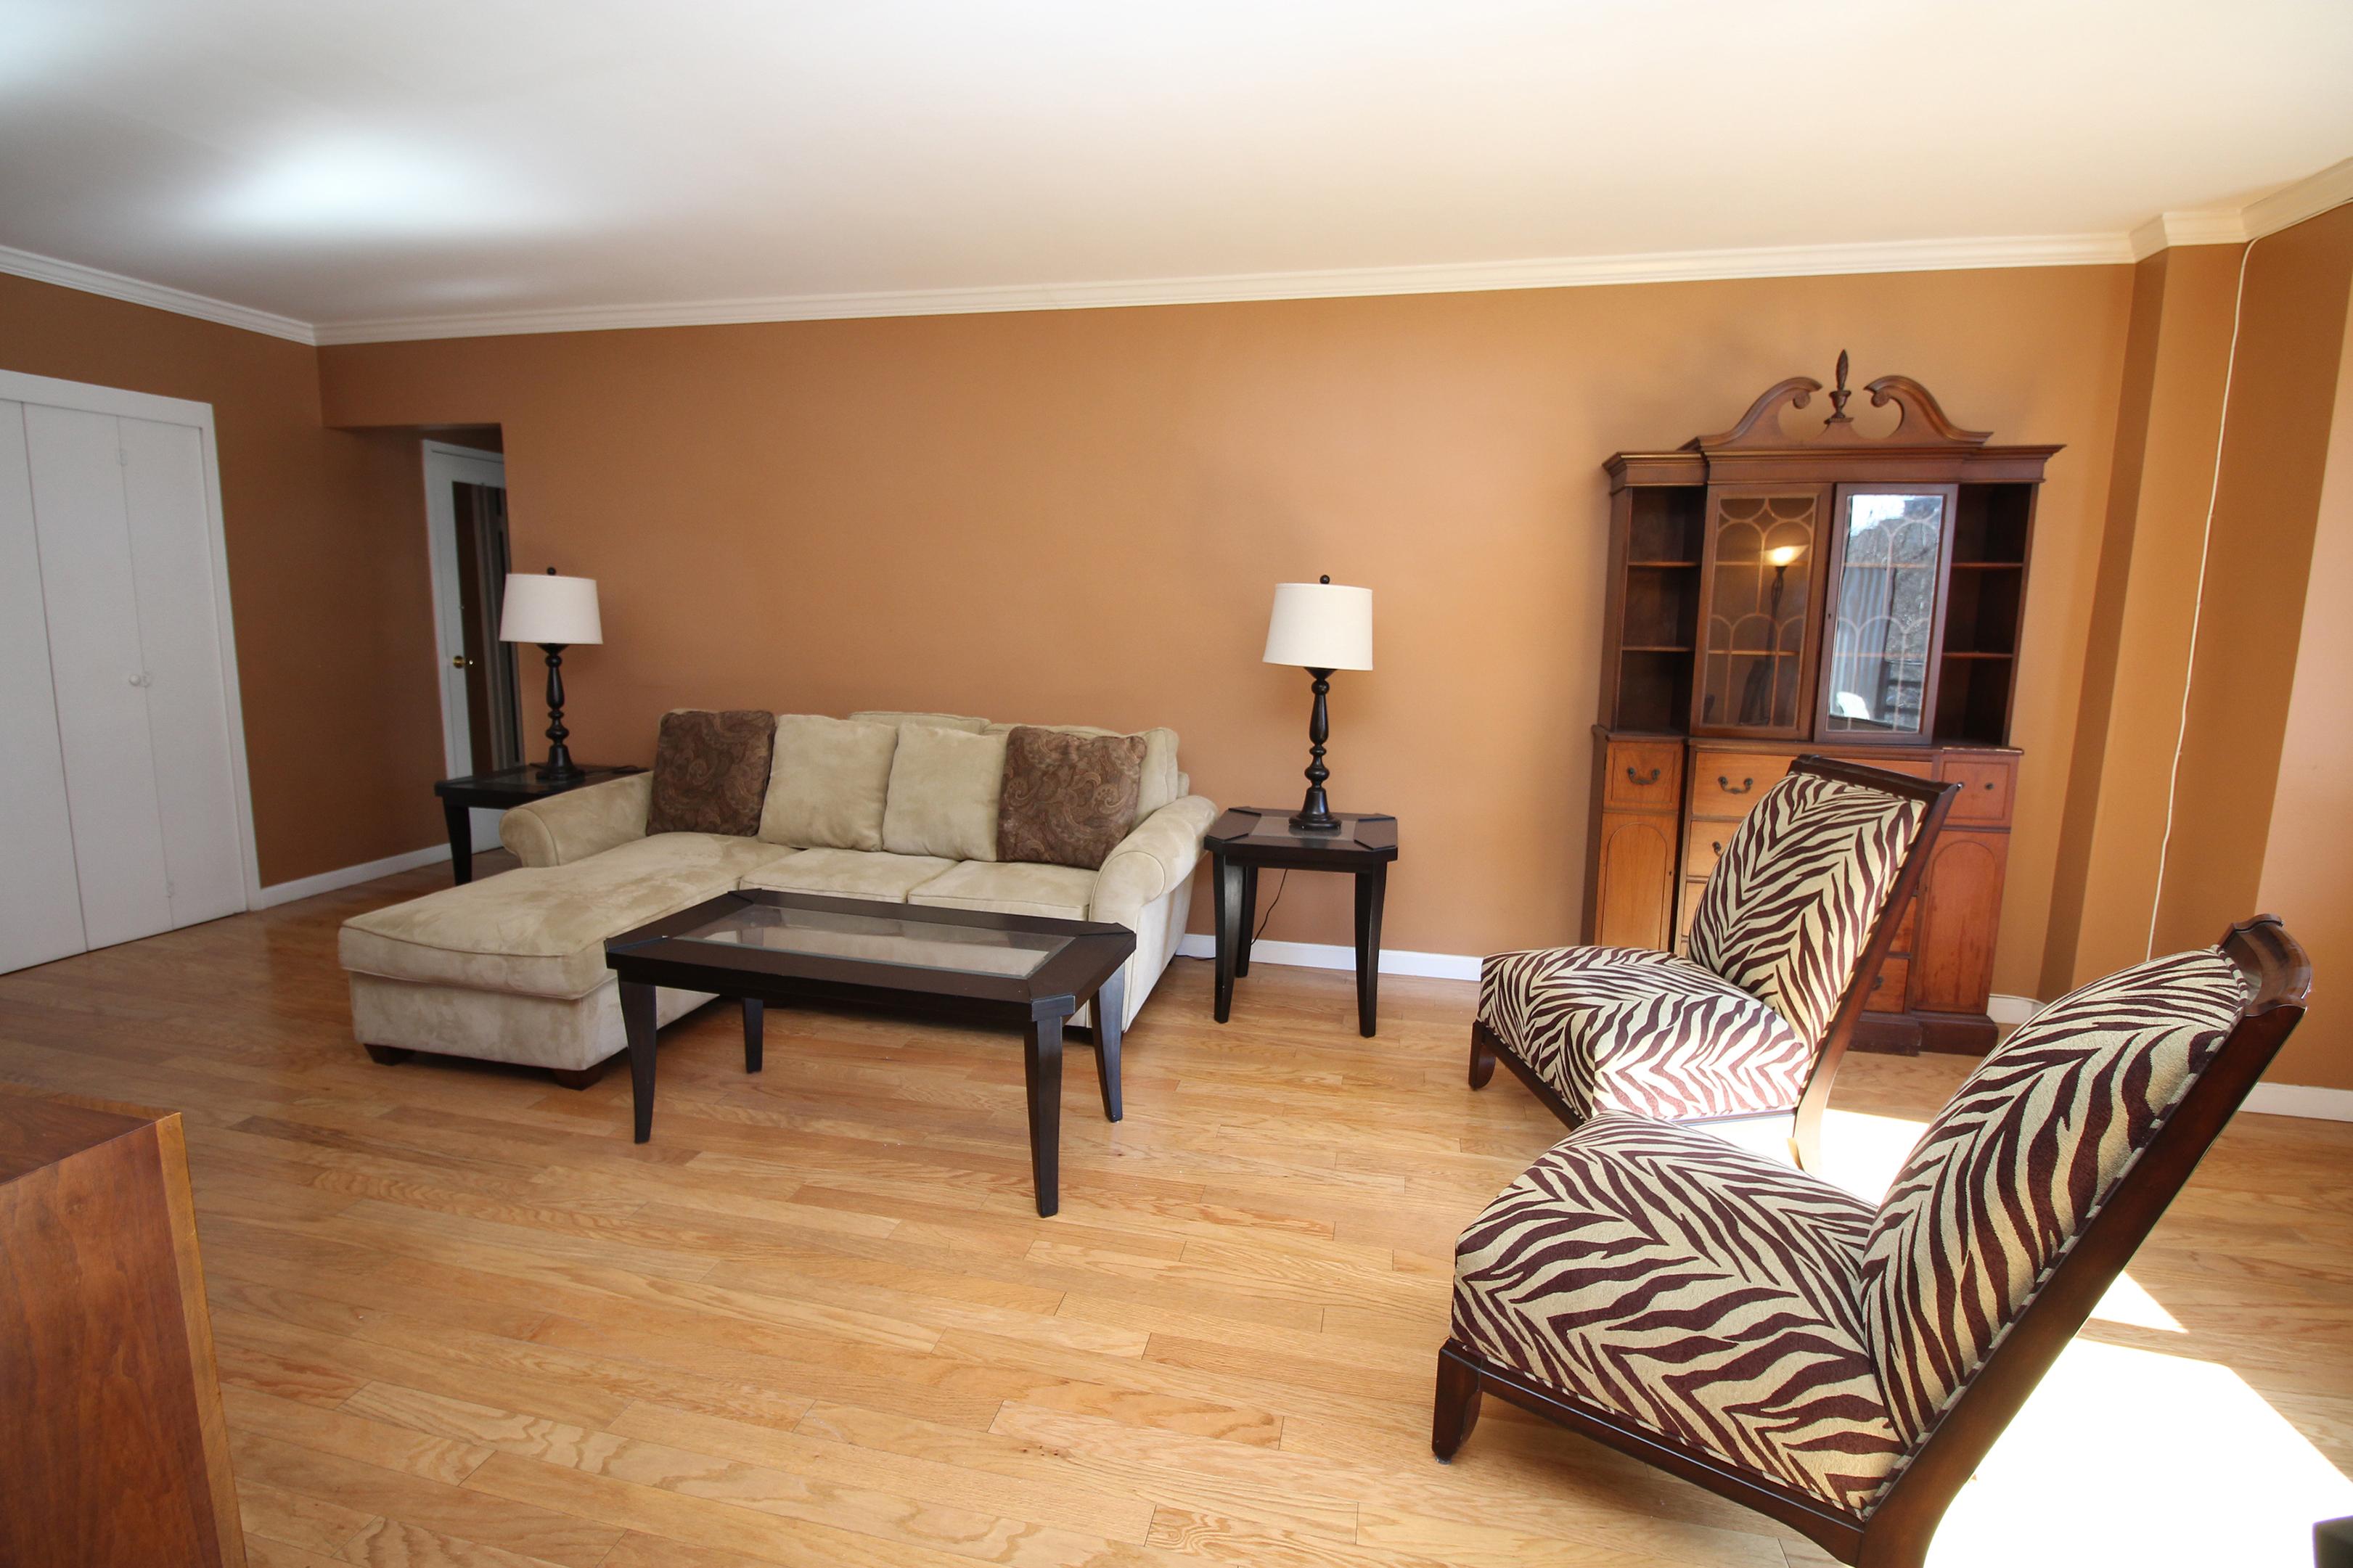 Furnished 1bedroom 6-12 month rental Central Park West